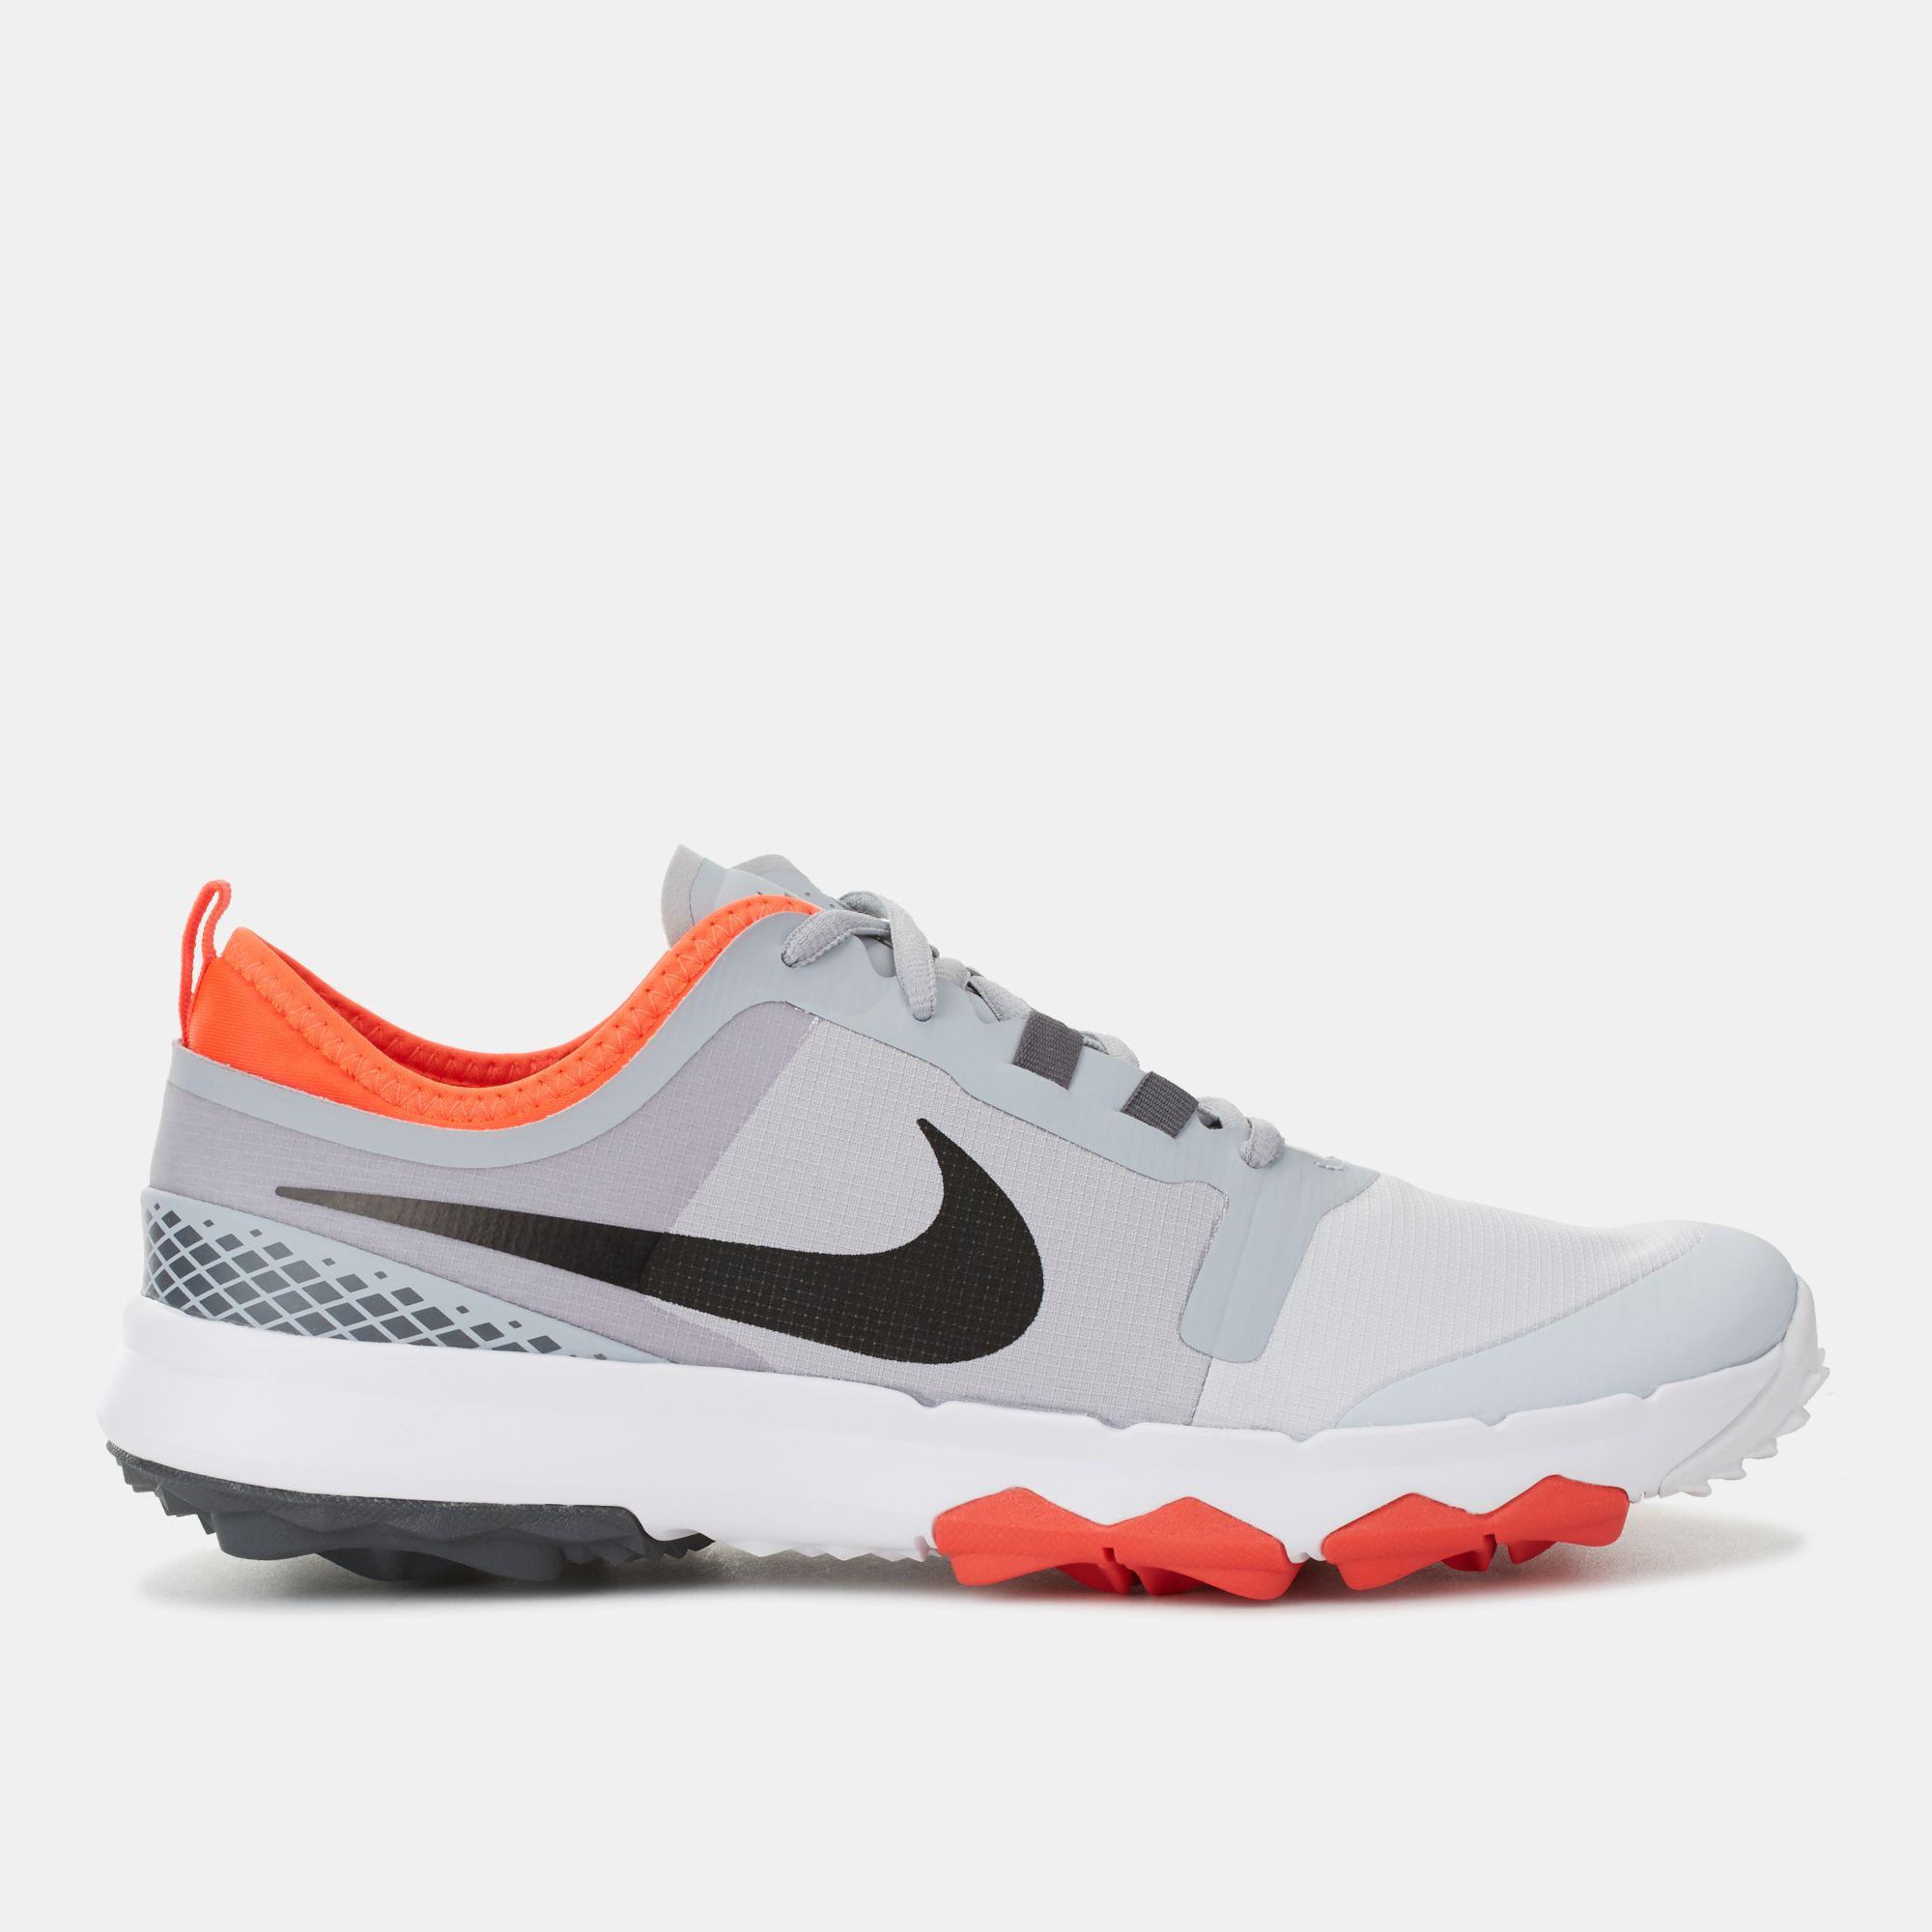 7e0e47395056 Nike Golf Fi Impact 2 Shoe Nkgf 776111 001 in Kuwait